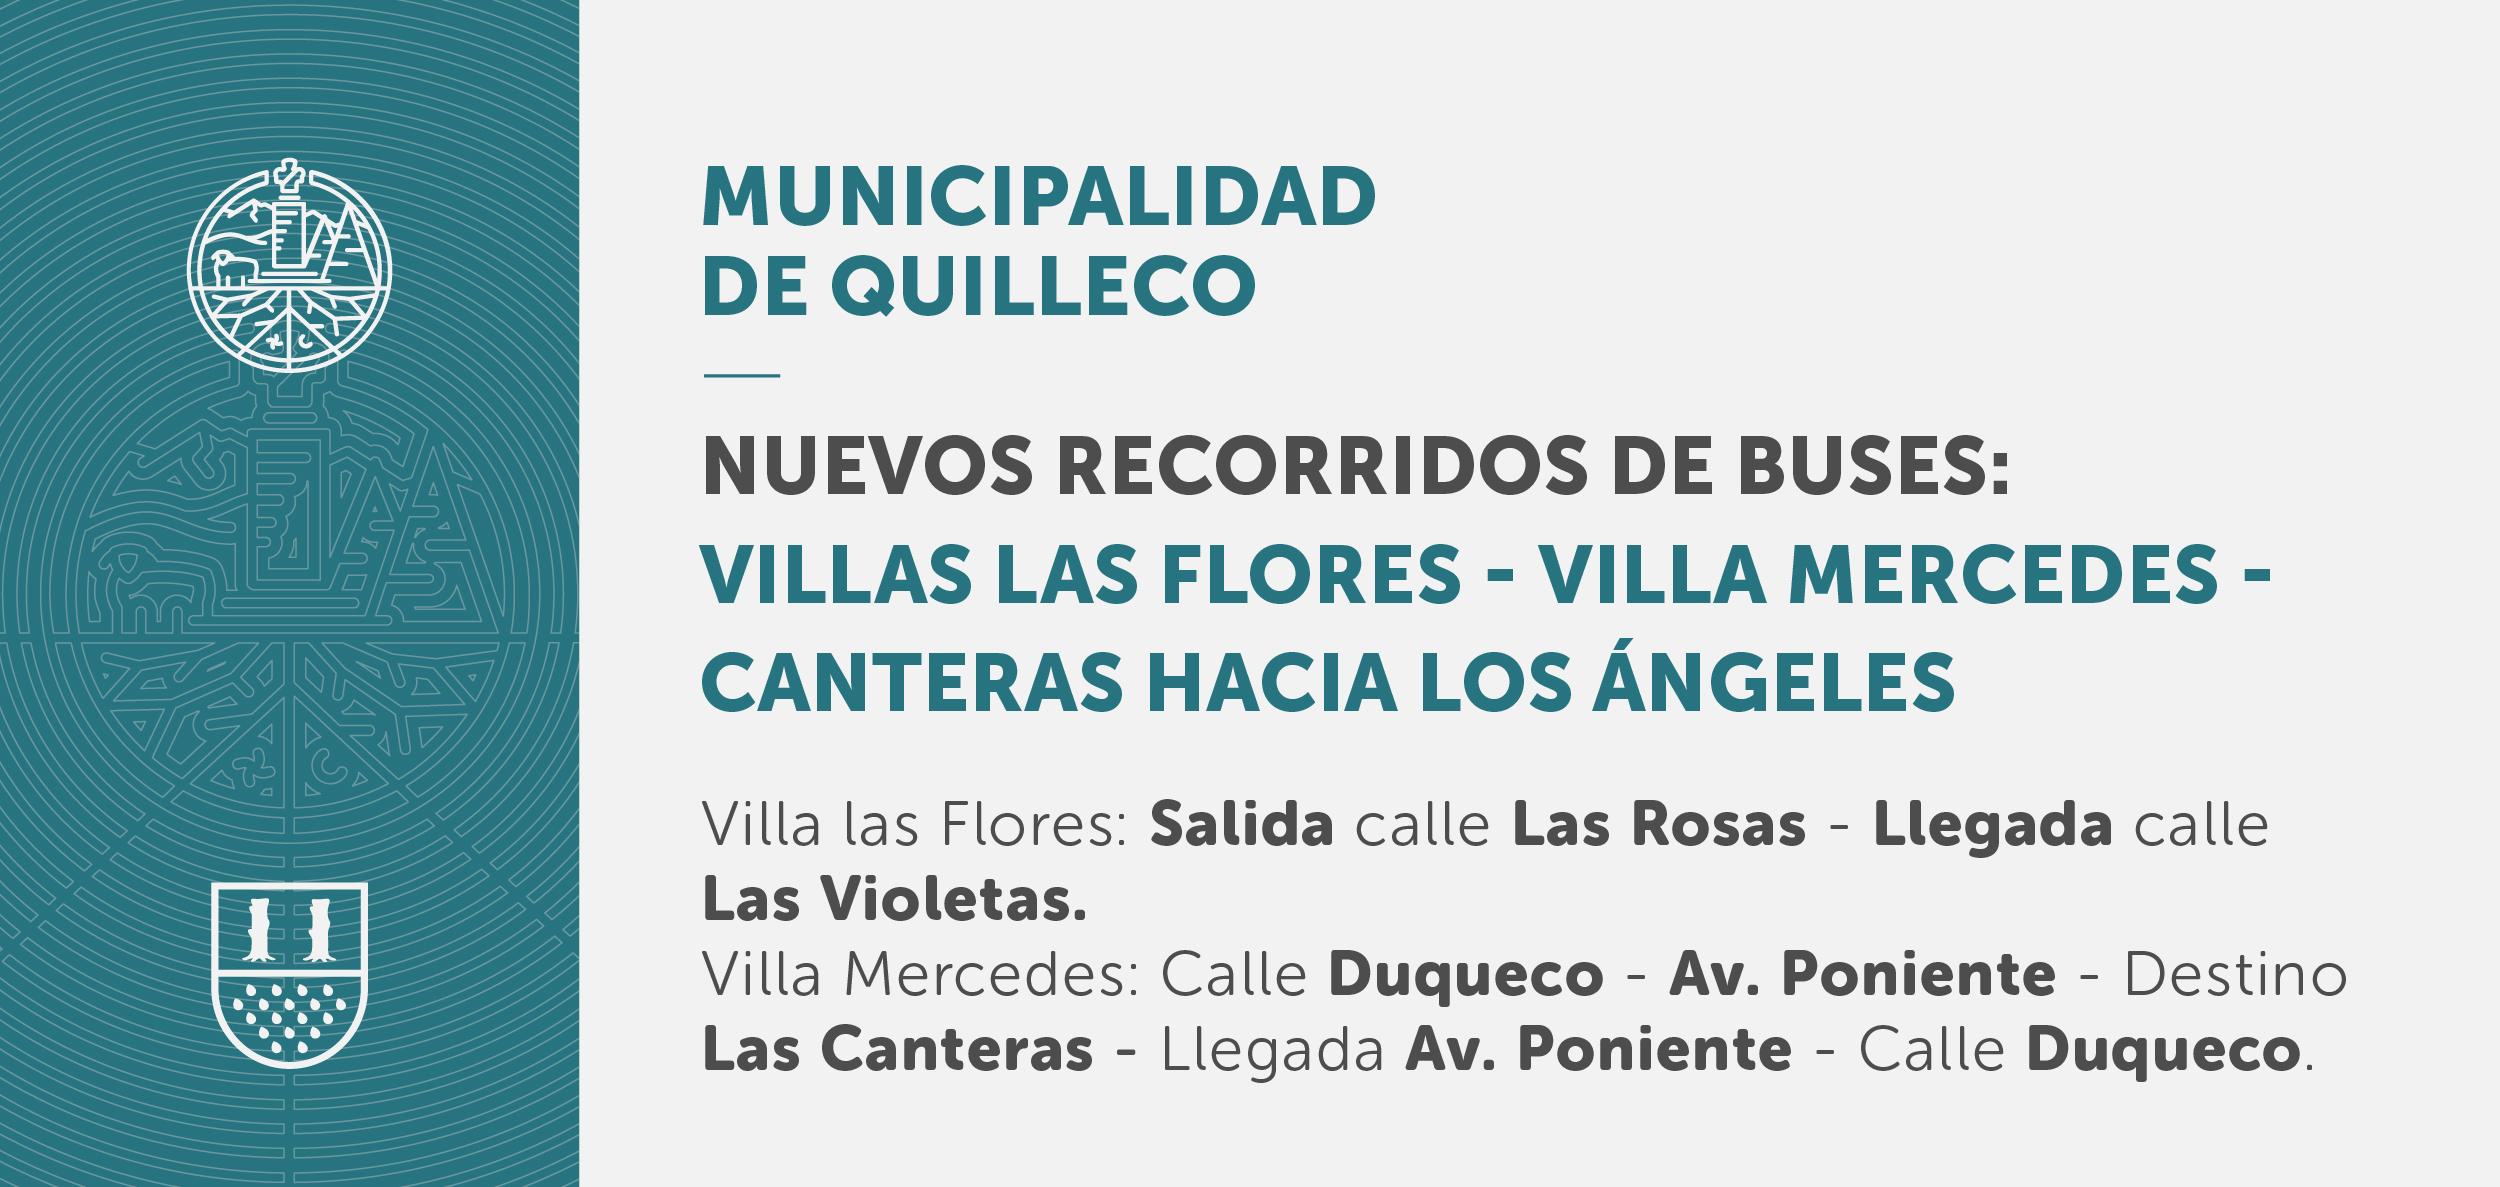 Informativo sobre nuevos recorridos de buses desde Villa Las Flores – Villa Mercedes